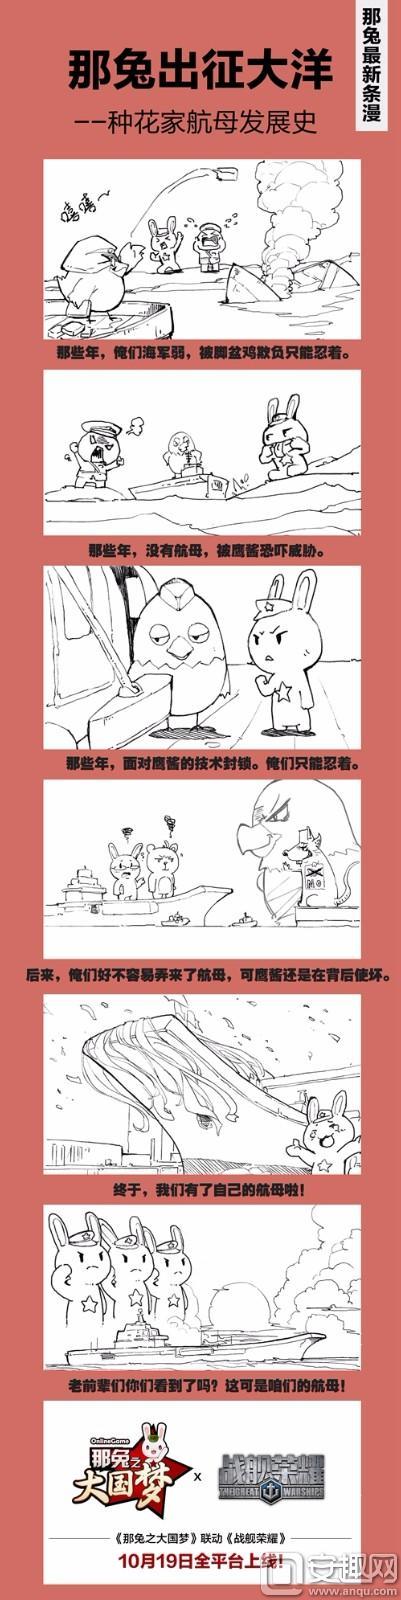 图2:那兔最新条漫.jpg